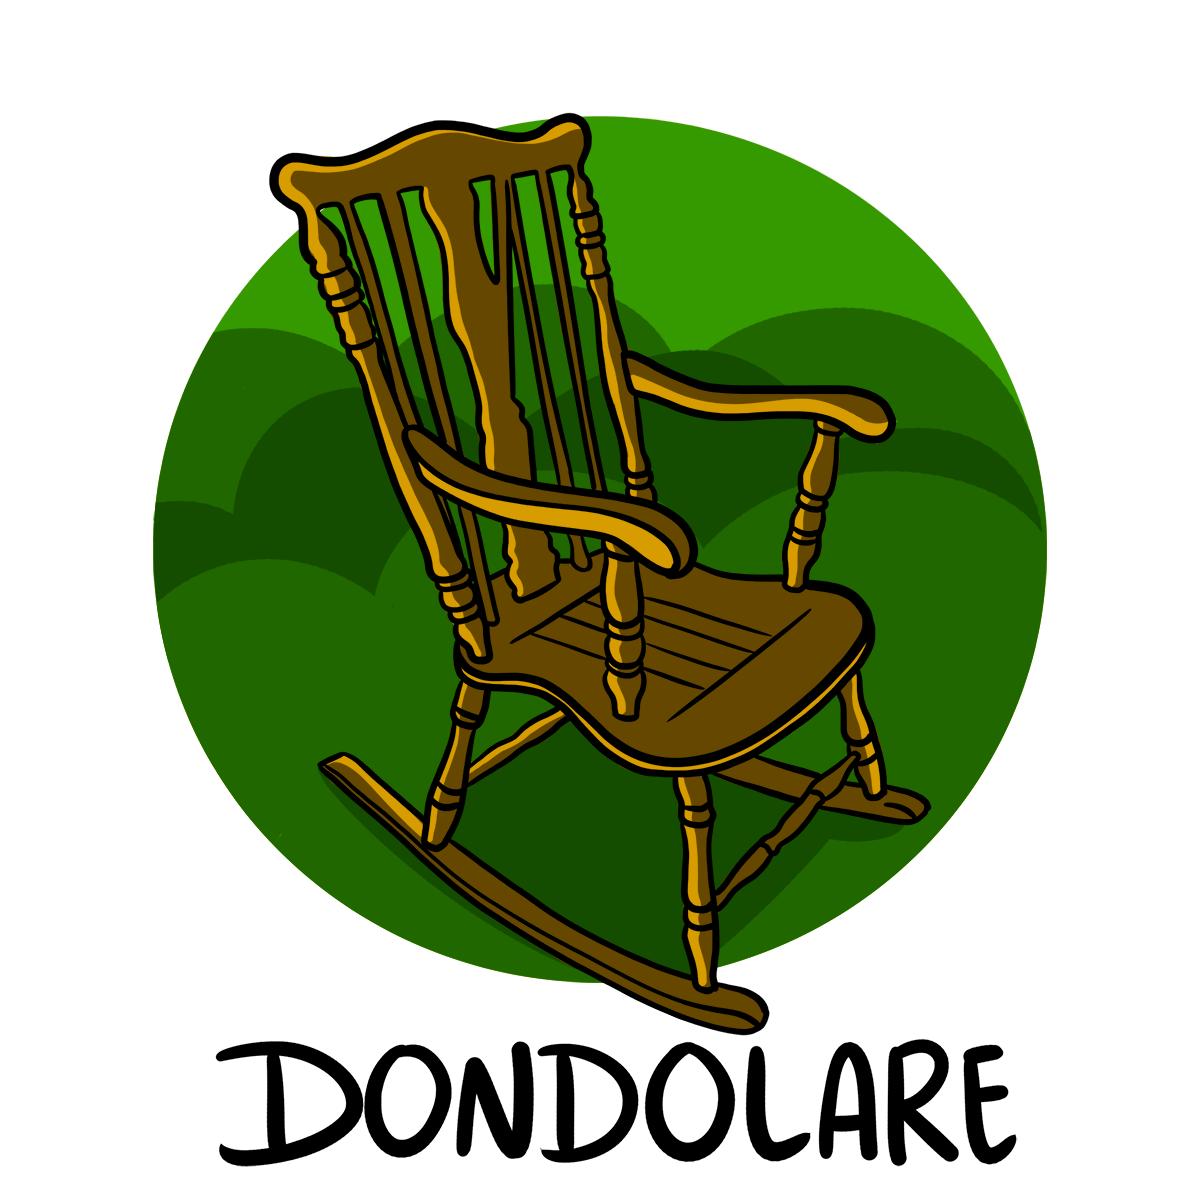 Dondolare